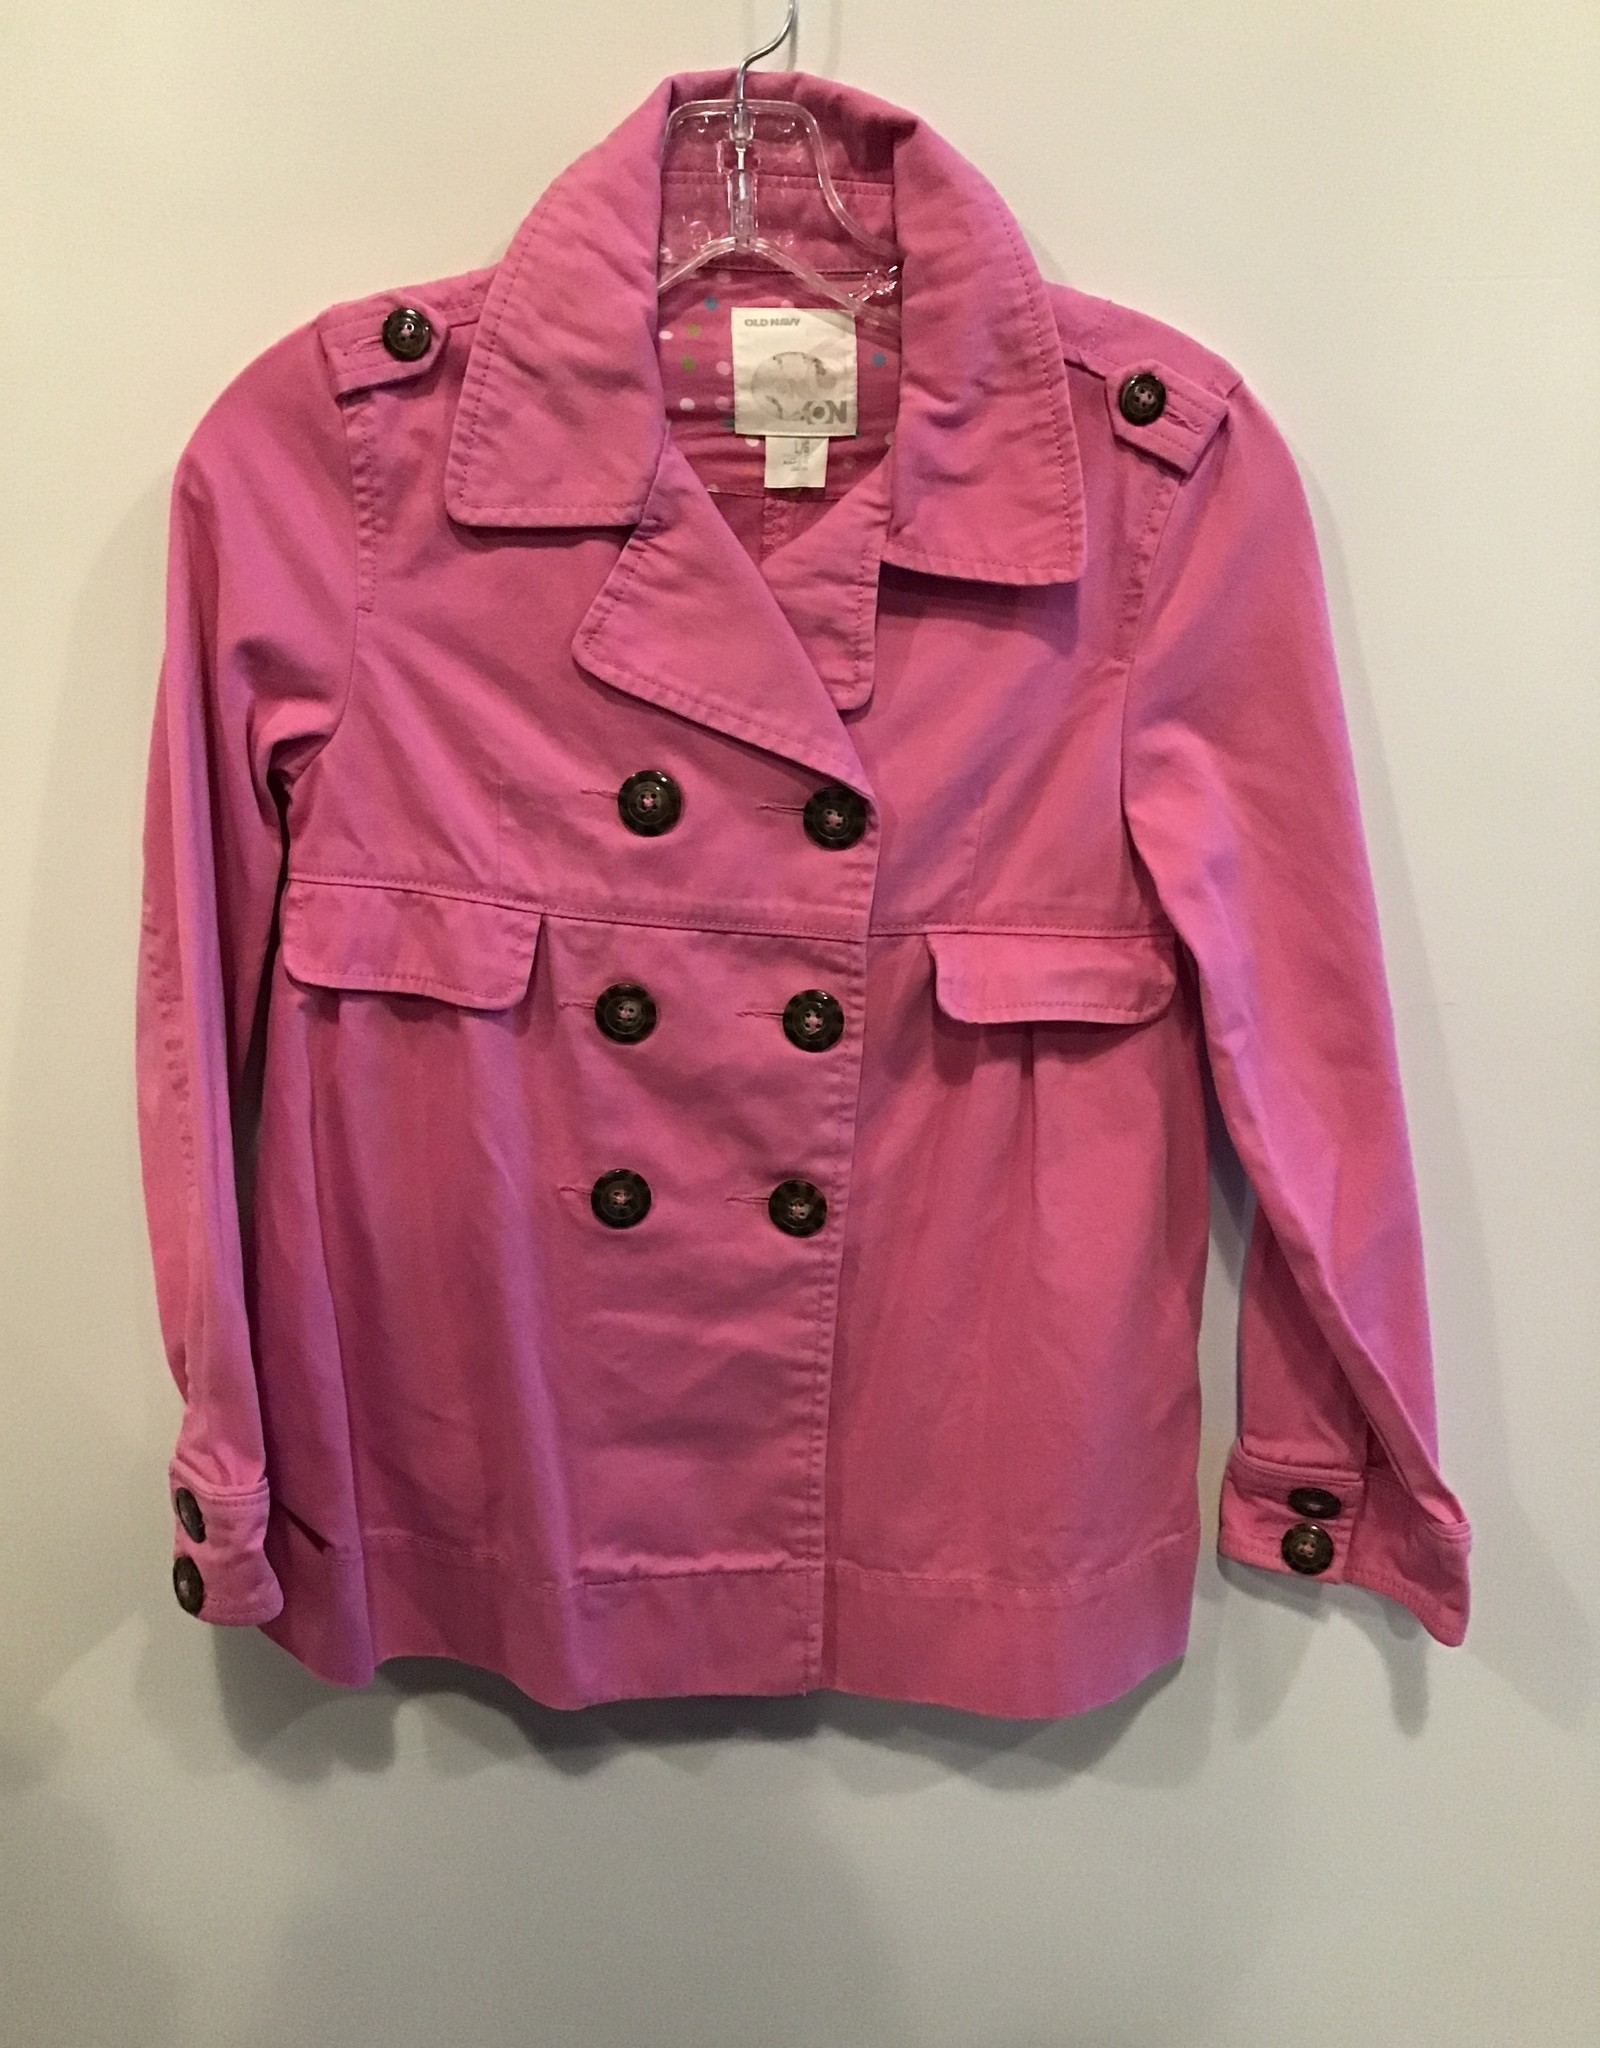 Old Navy Girls/10/OldNavy/Jacket